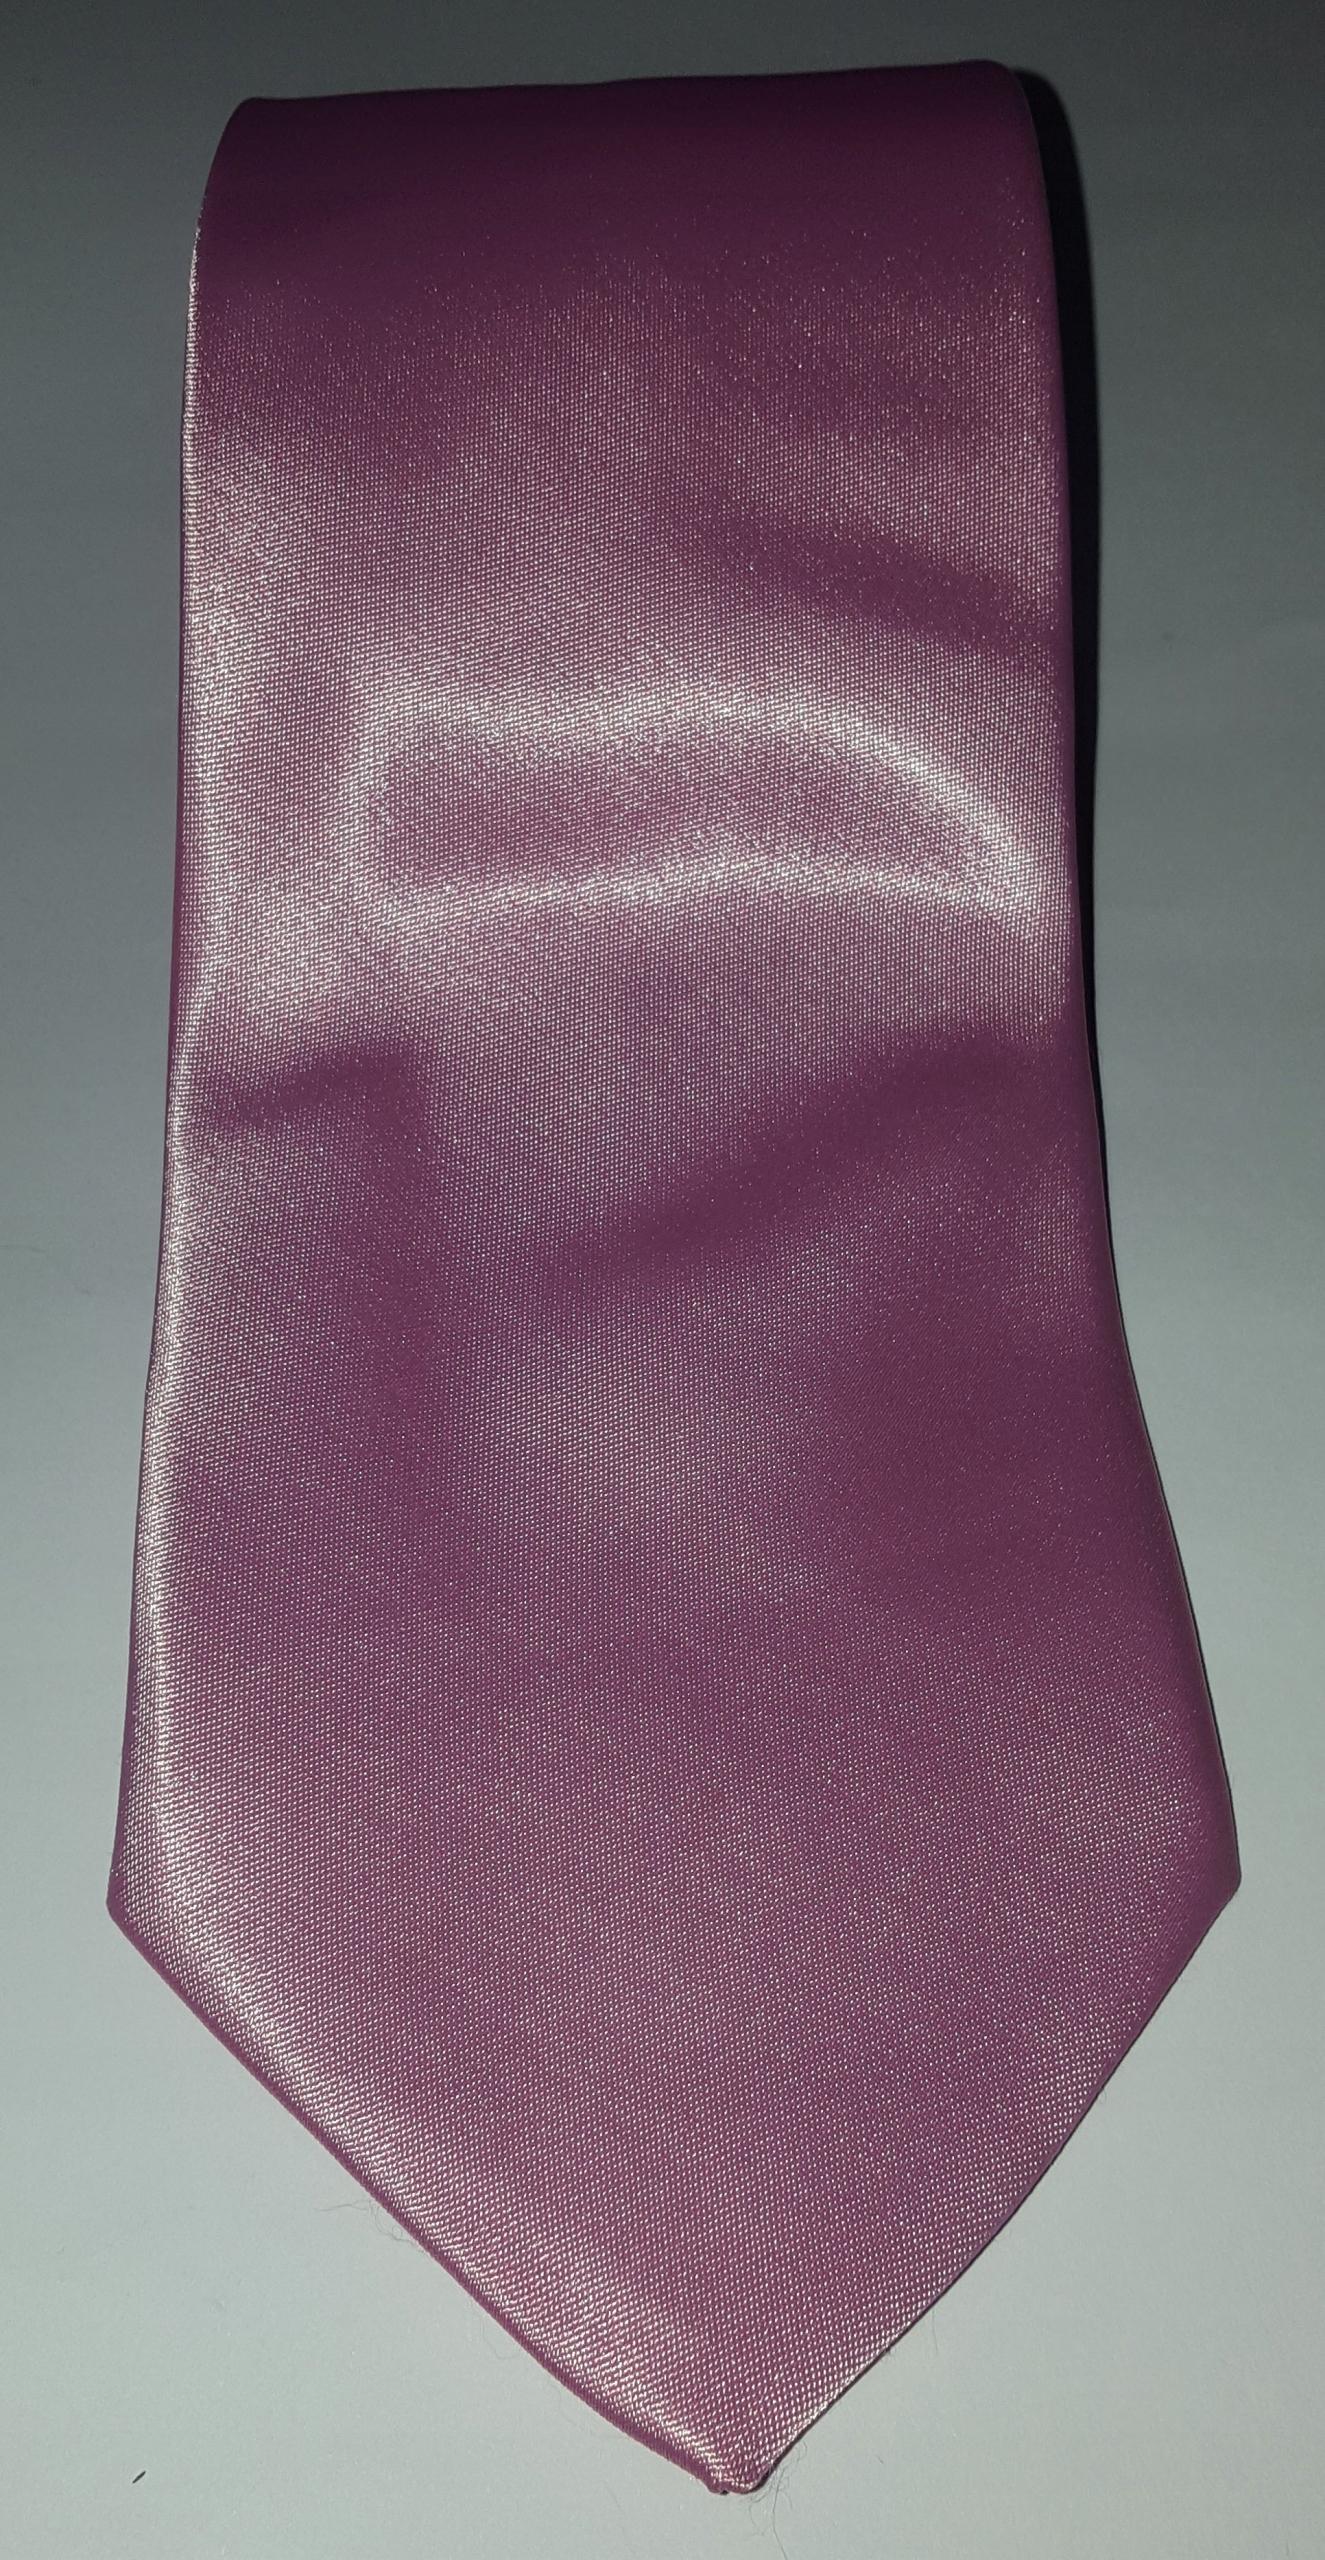 Krawat męski różowy GIANNI ROTTI.